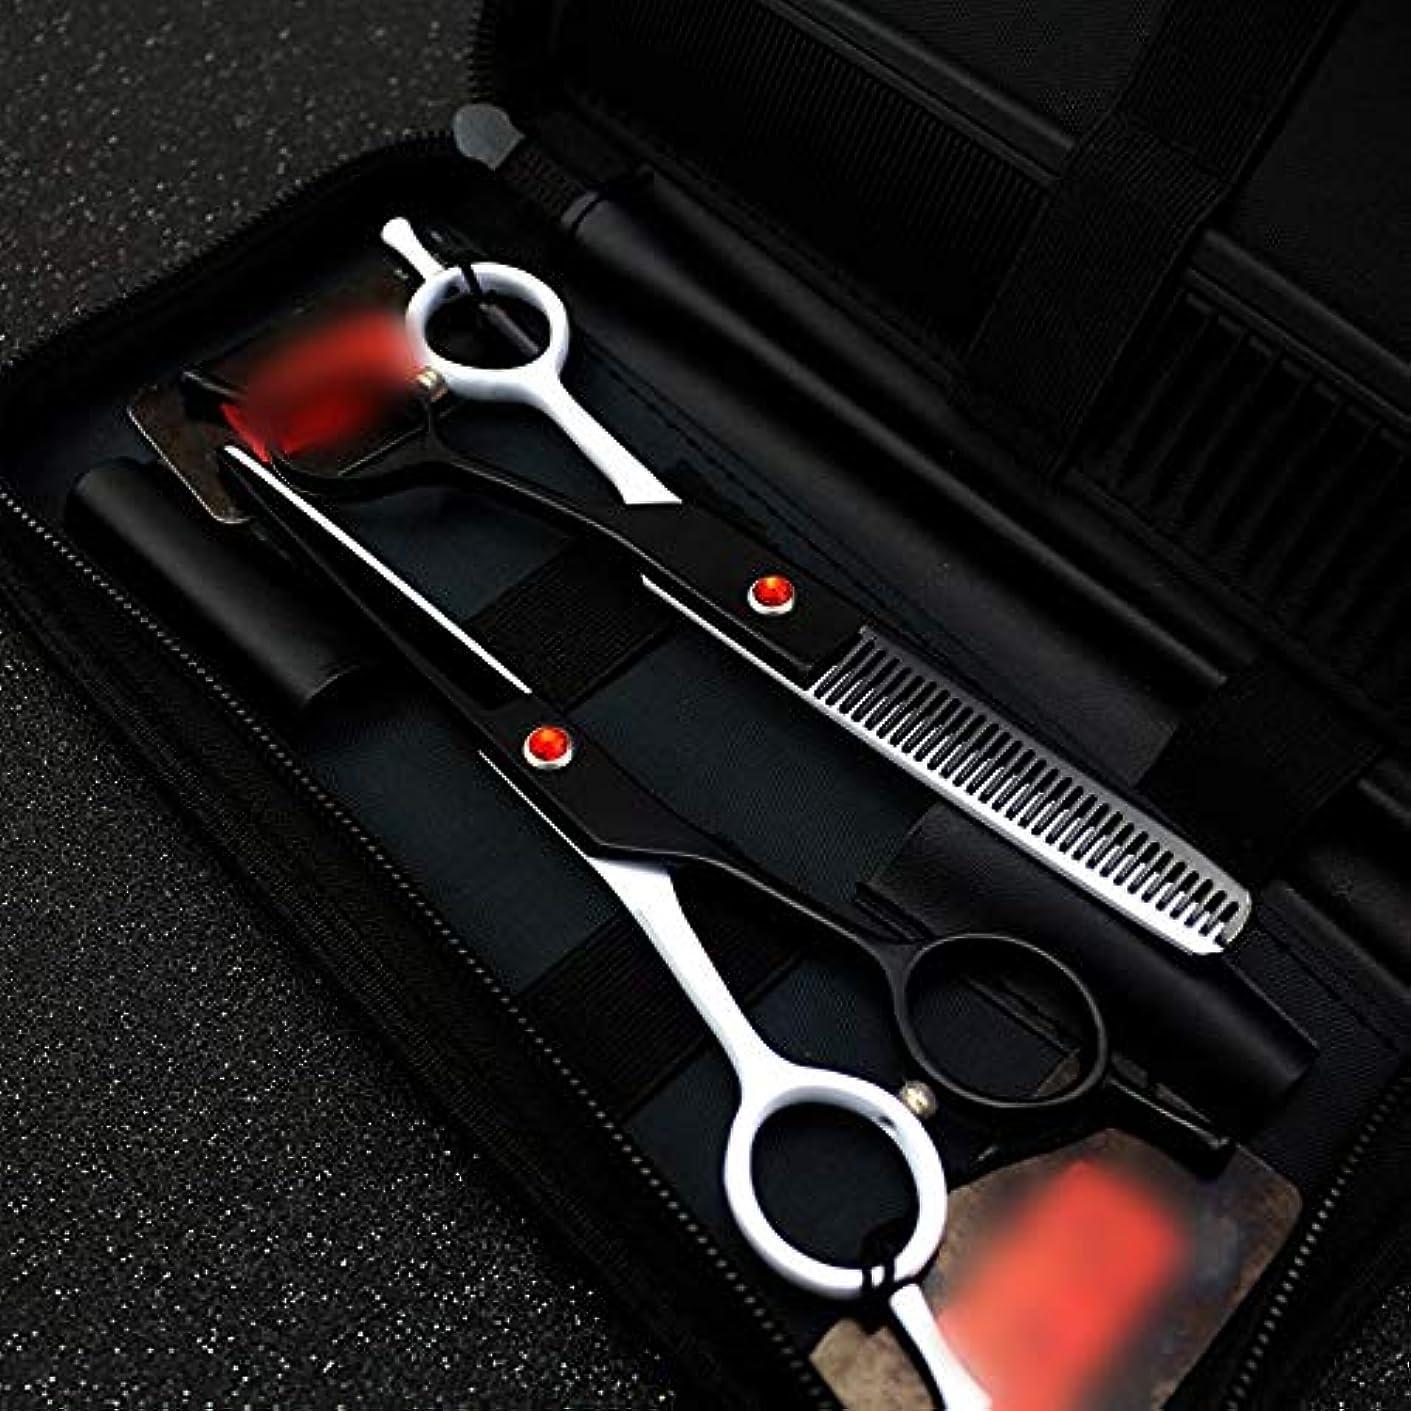 慣性ファイアルトラフィックGoodsok-jp 6インチプロフェッショナルヘアカット黒と白の理髪はさみ、ダブルフラットフラットはさみ歯はさみセット (色 : 黒、白)